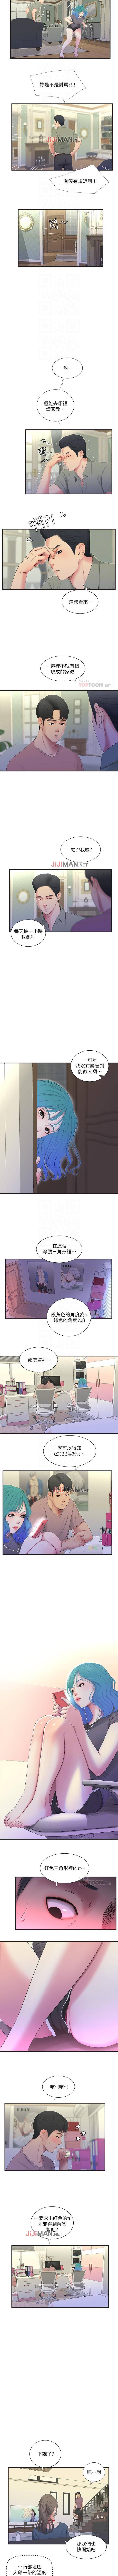 【周四连载】亲家四姐妹(作者:愛摸) 第1~37话 95